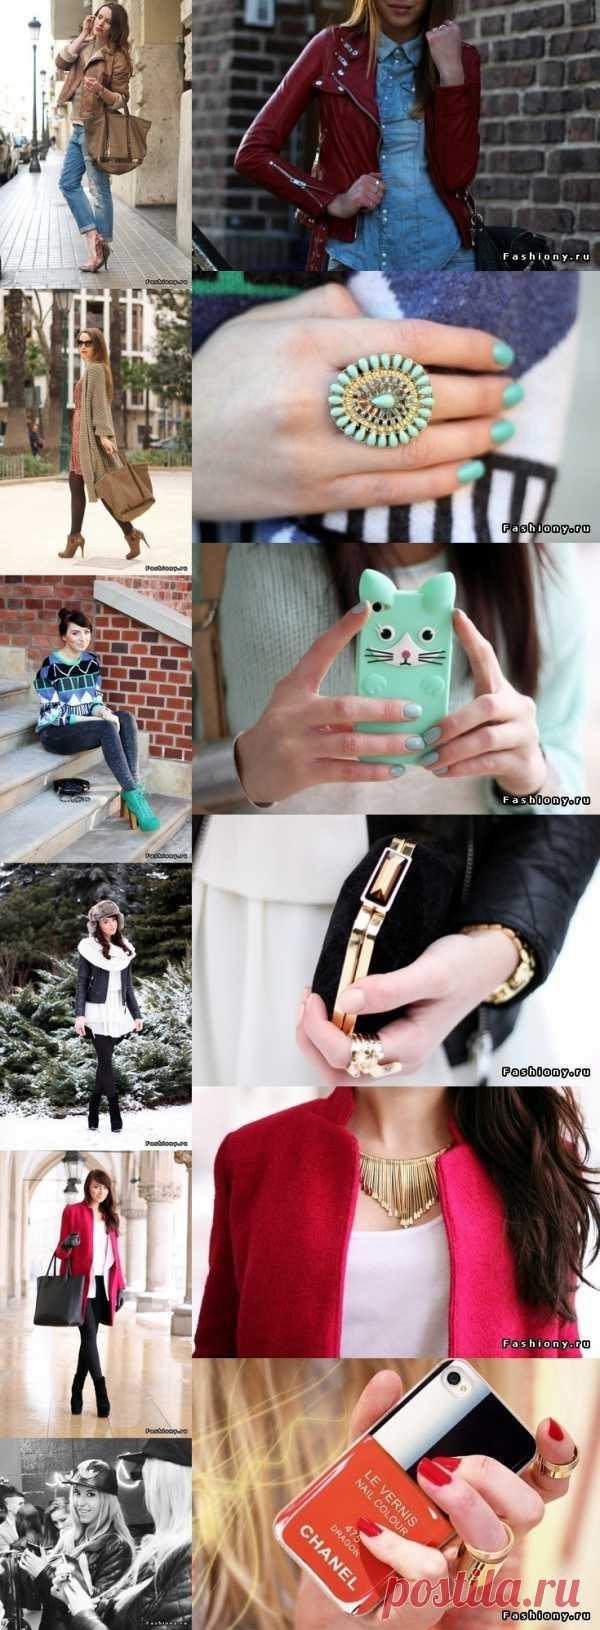 Las nuevas imágenes de los bloggers a la moda